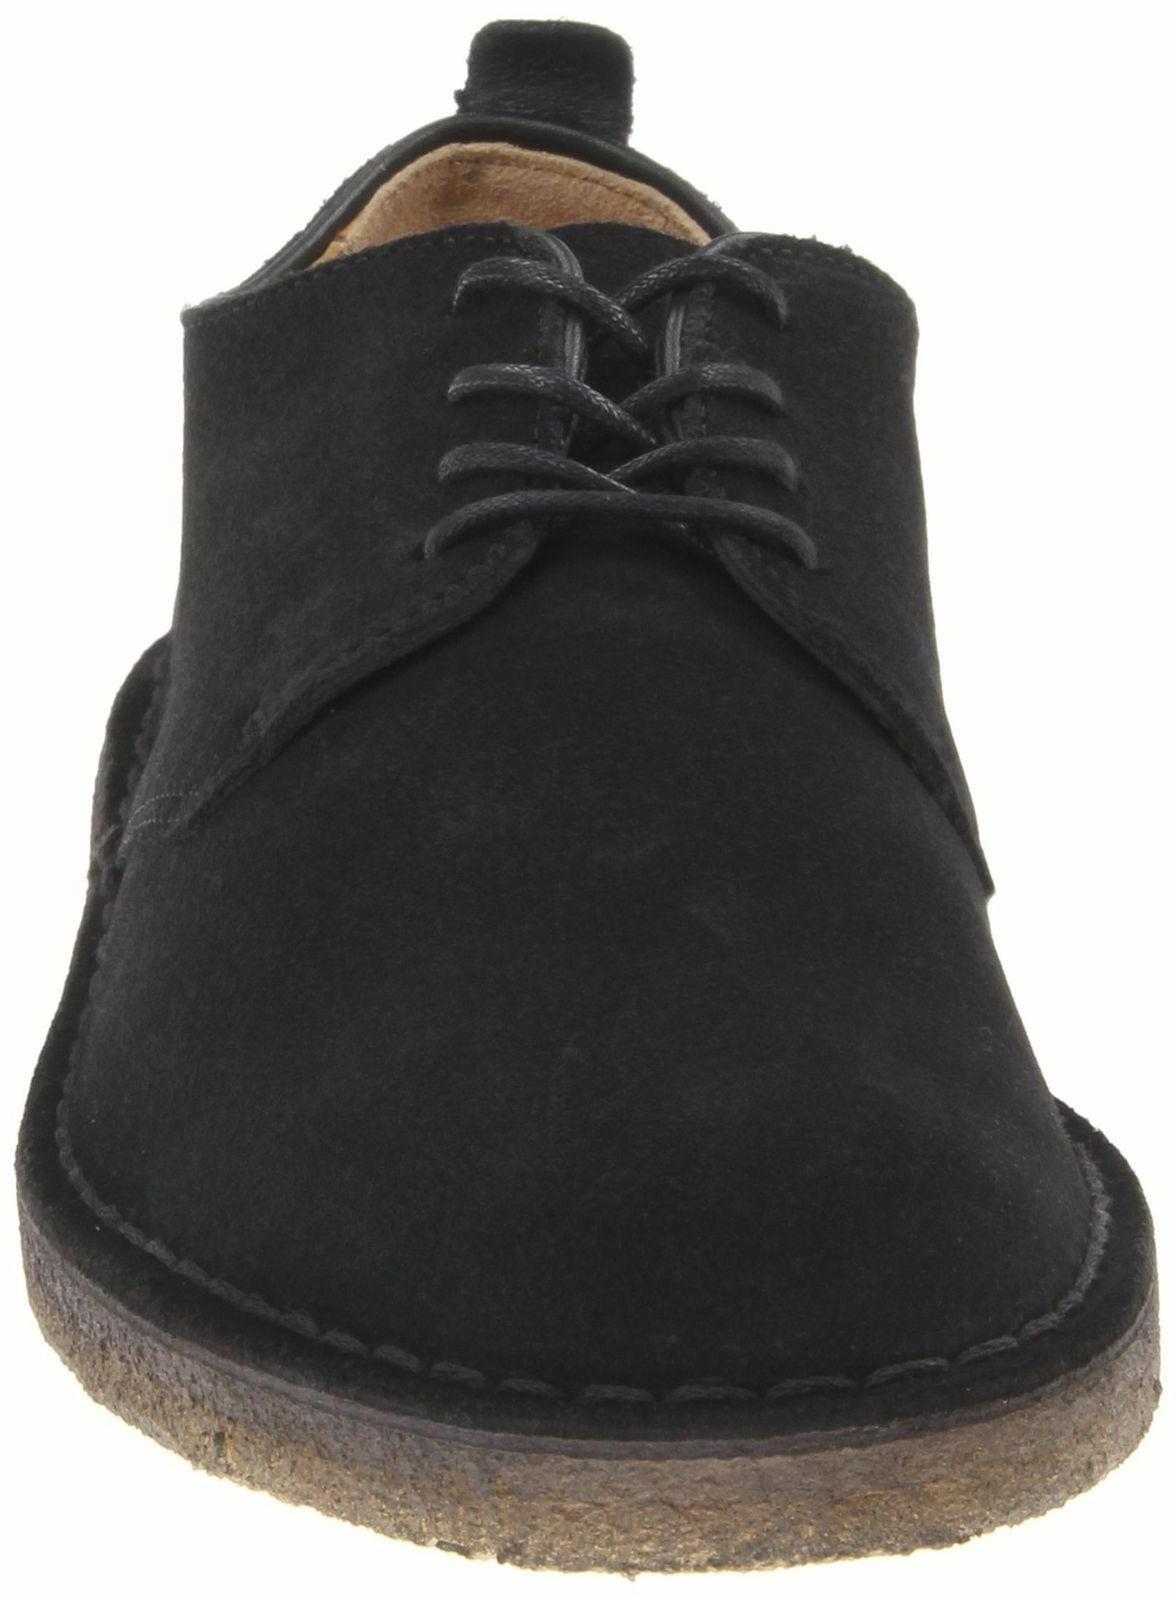 Clarks Originals Men's London Black Shoes